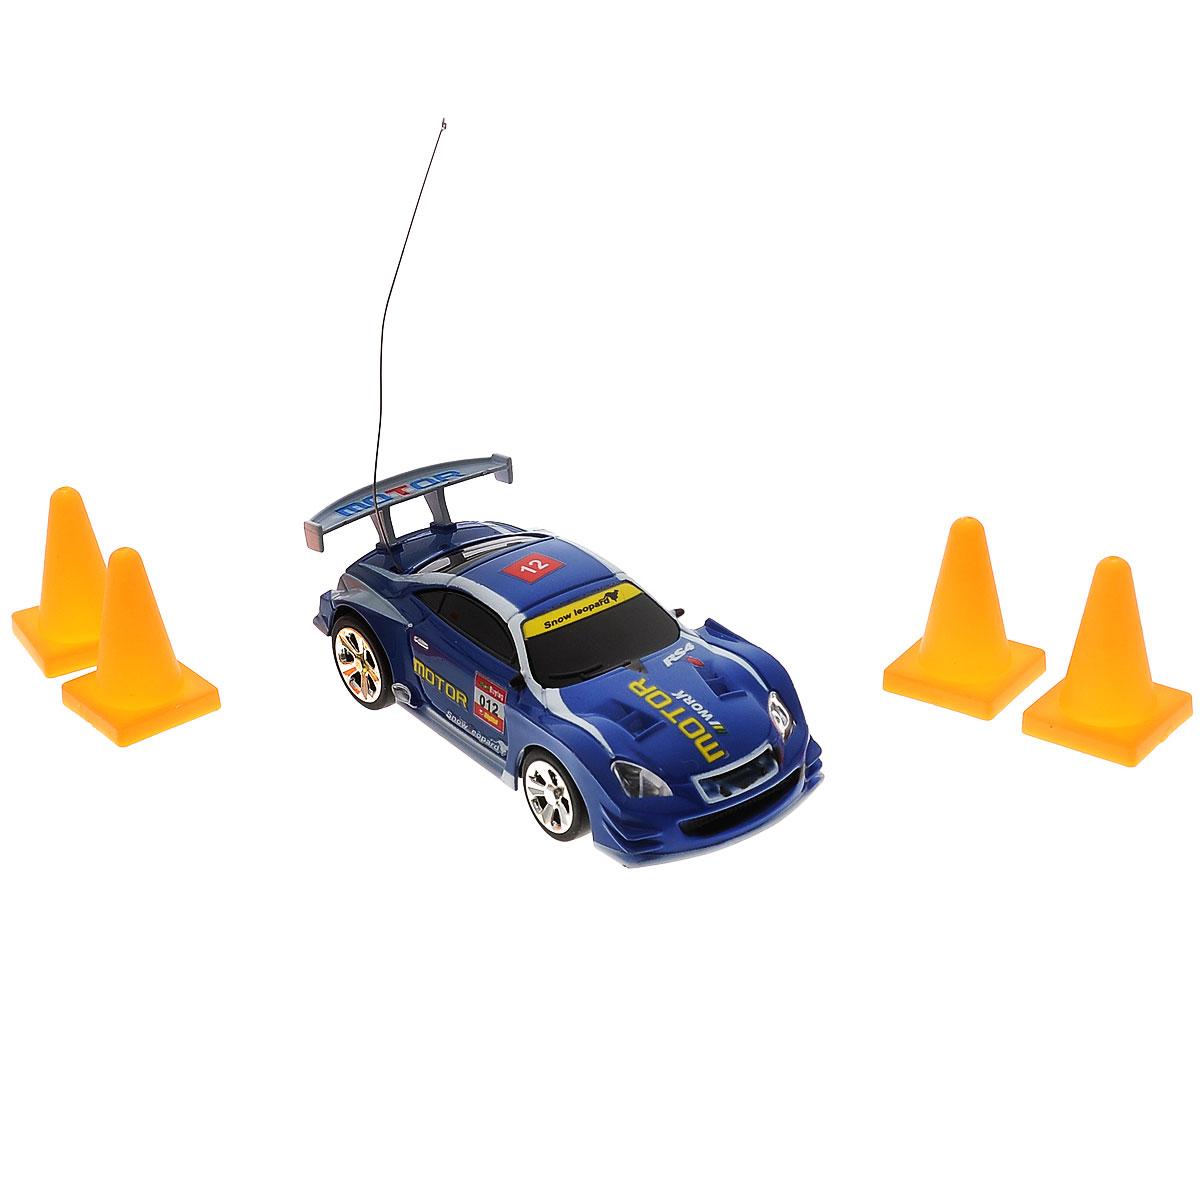 Машинка на радиоуправлении 1toy Ралли T53078 является копией настоящего автомобиля. Данная модель изготовлена из пластика с элементами металла. У машинки открываются двери и двигаются колеса. Машинка является отличным подарком для вашего ребенка. Во время игры с такой машинкой у ребенка развивается мелкая моторика рук, фантазия и воображение. Машинка осуществляет движение во всех направлениях, резиновые шины данной модели помогают ей преодолевать любые препятствия. Машинка радиоуправляемая 1 TOY «Ралли» Т53078 — это шикарная модель, которая является копией настоящего автомобиля. Она изготовлена из пластика с элементами металла. У машинки открываются двери, двигаются колеса. Машинка является отличным подарком для вашего ребенка. Во время игры с такой машинкой у ребенка развивается мелкая моторика рук, фантазия и воображение. Есть пульт для радиоуправления. Заряд происходит в течении 10 минут.